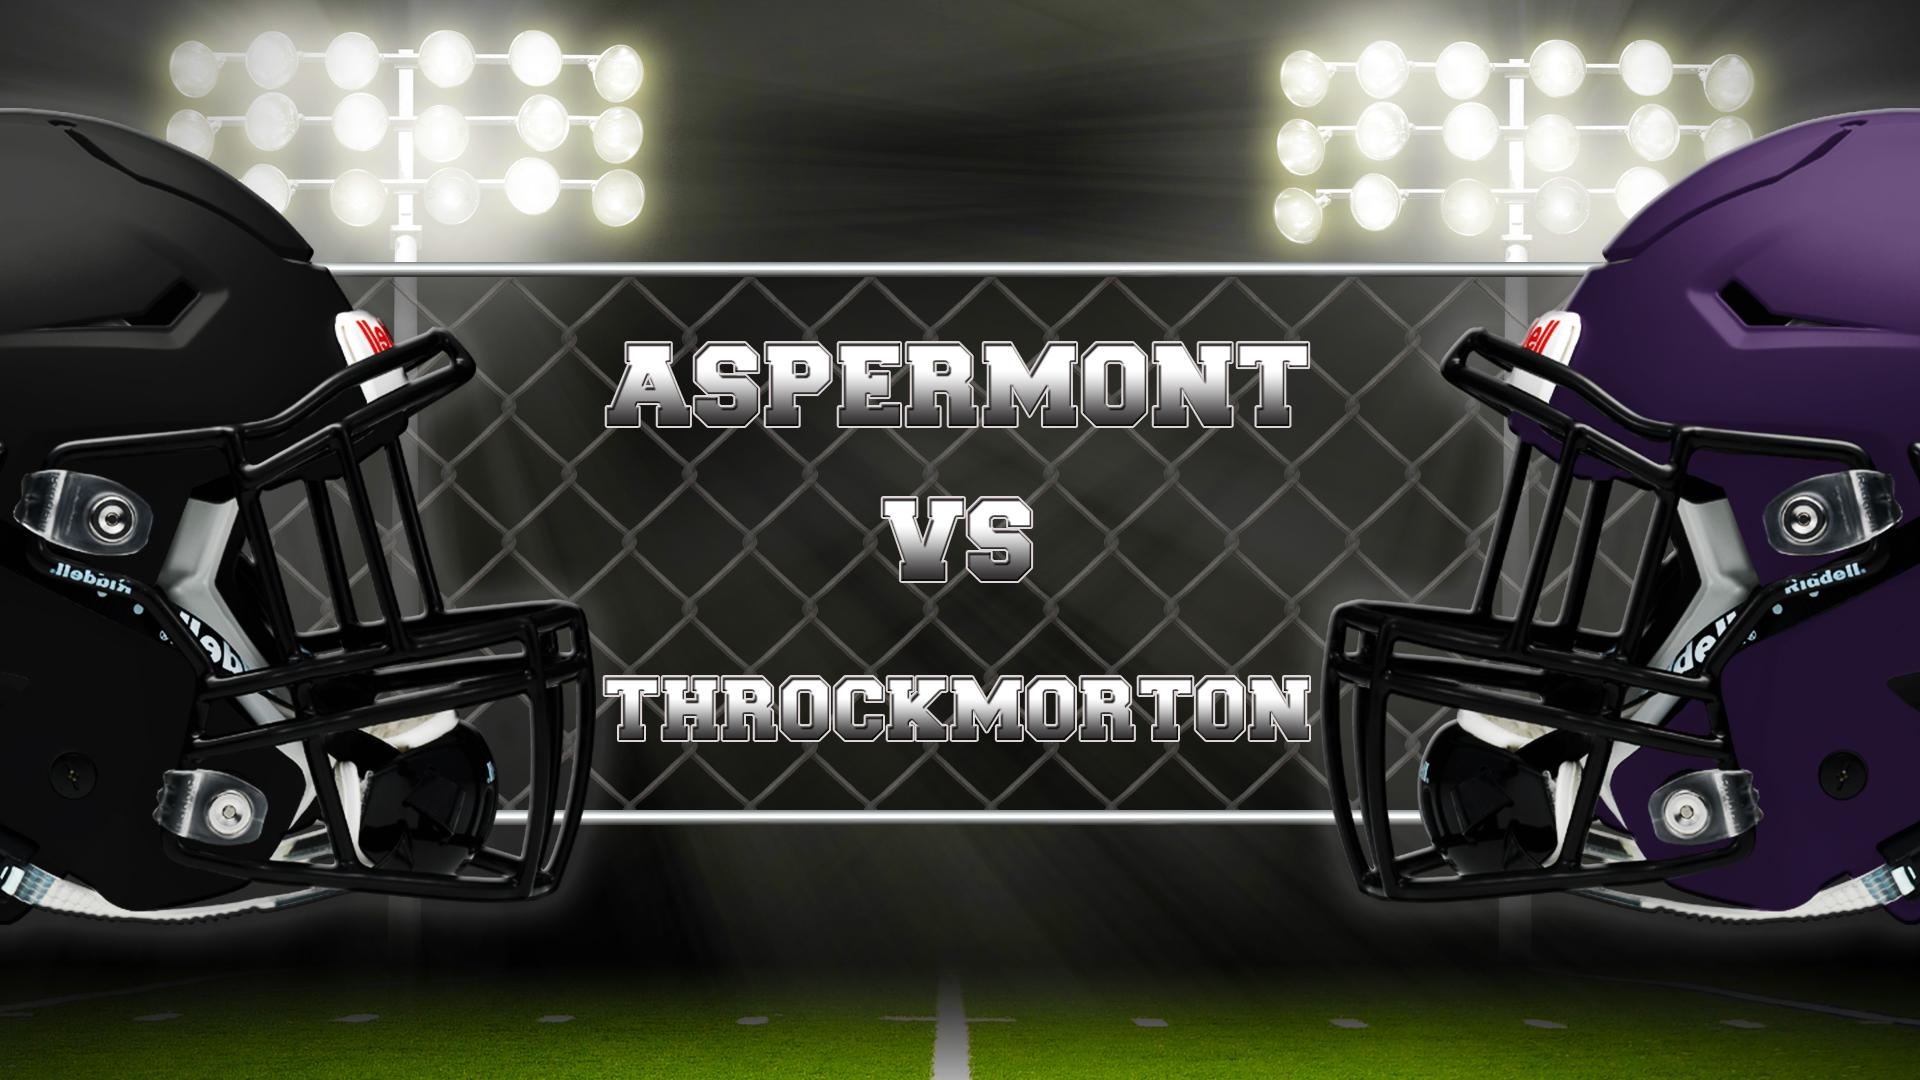 Aspermont vs Throckmorton_1475770984604.jpg